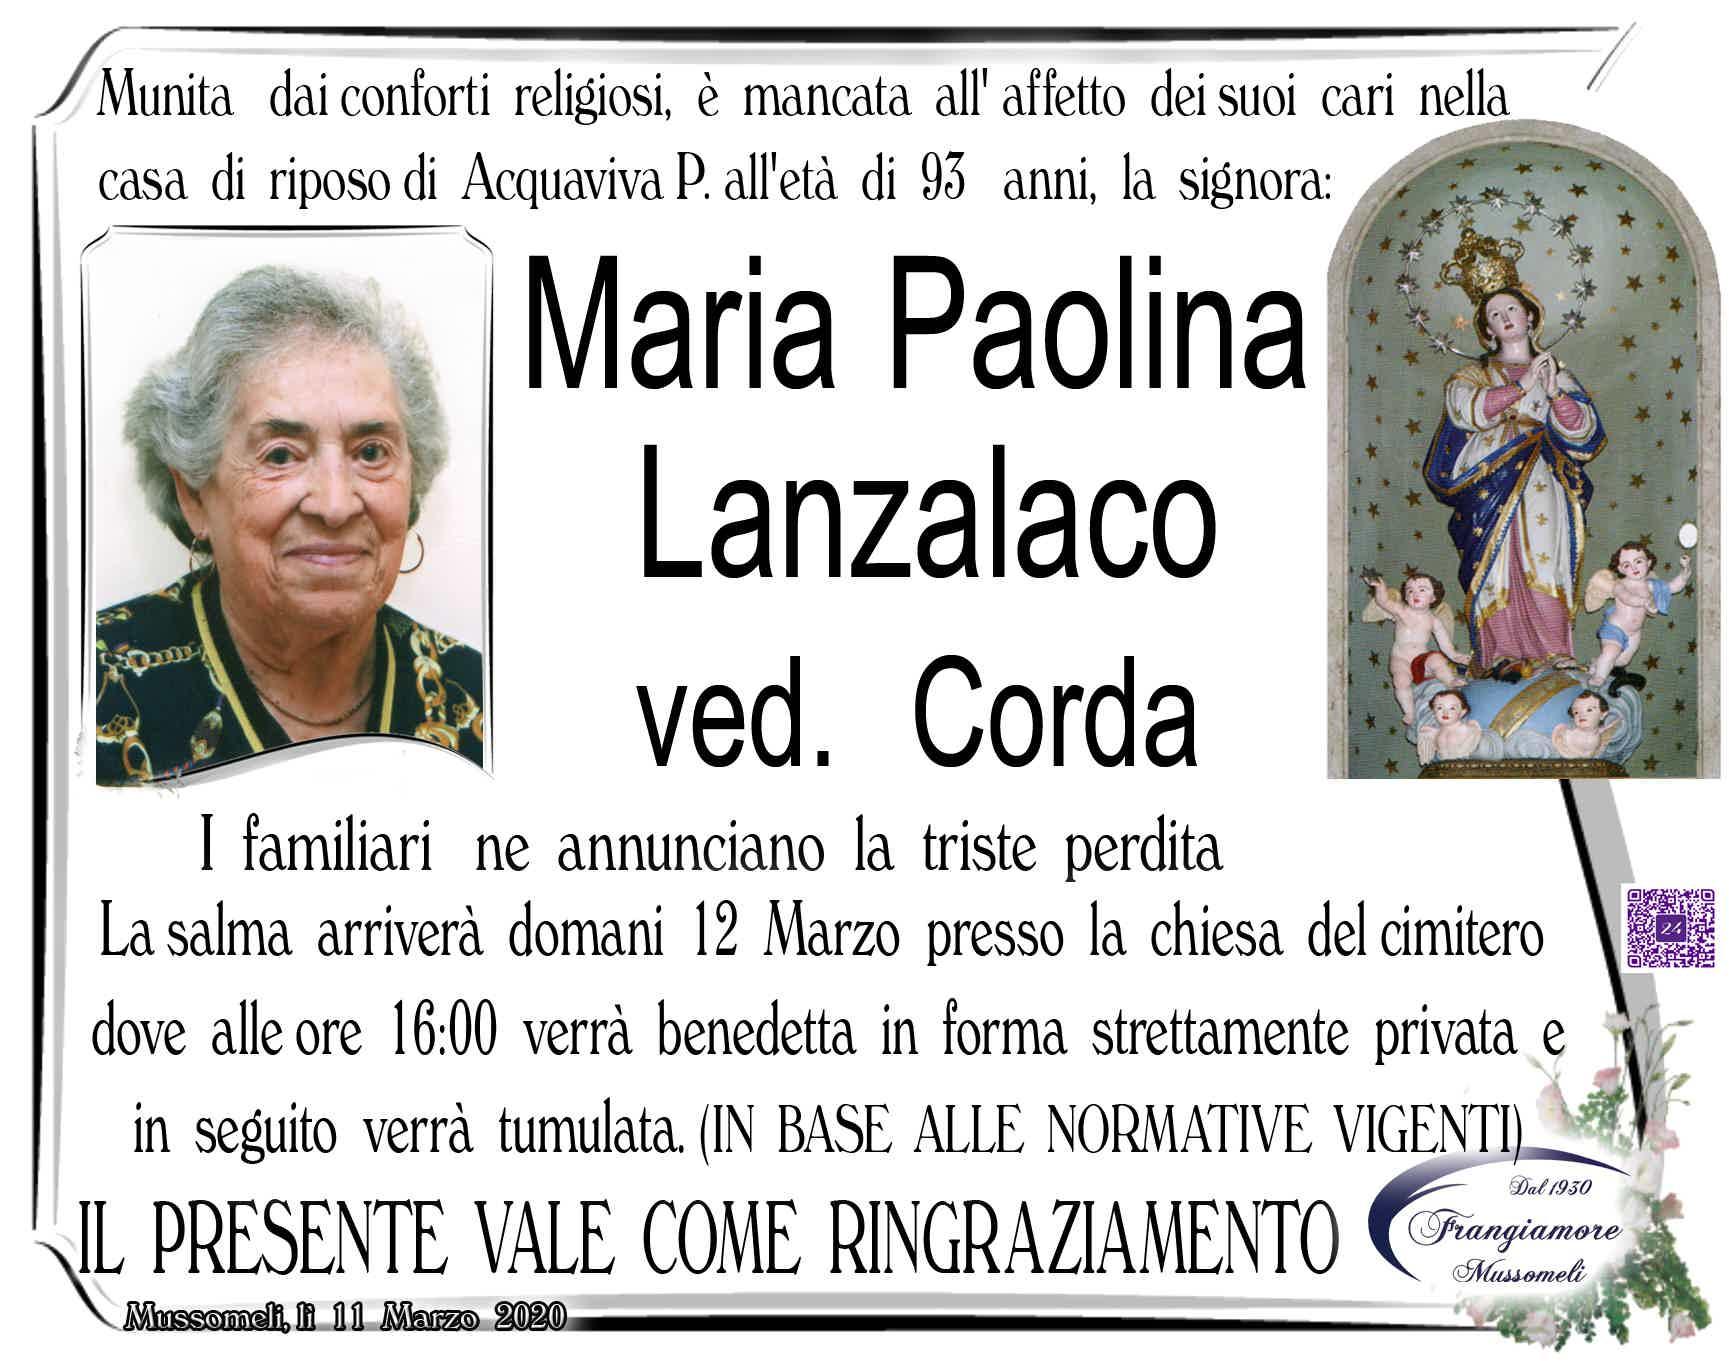 Maria Paolina Lanzalaco